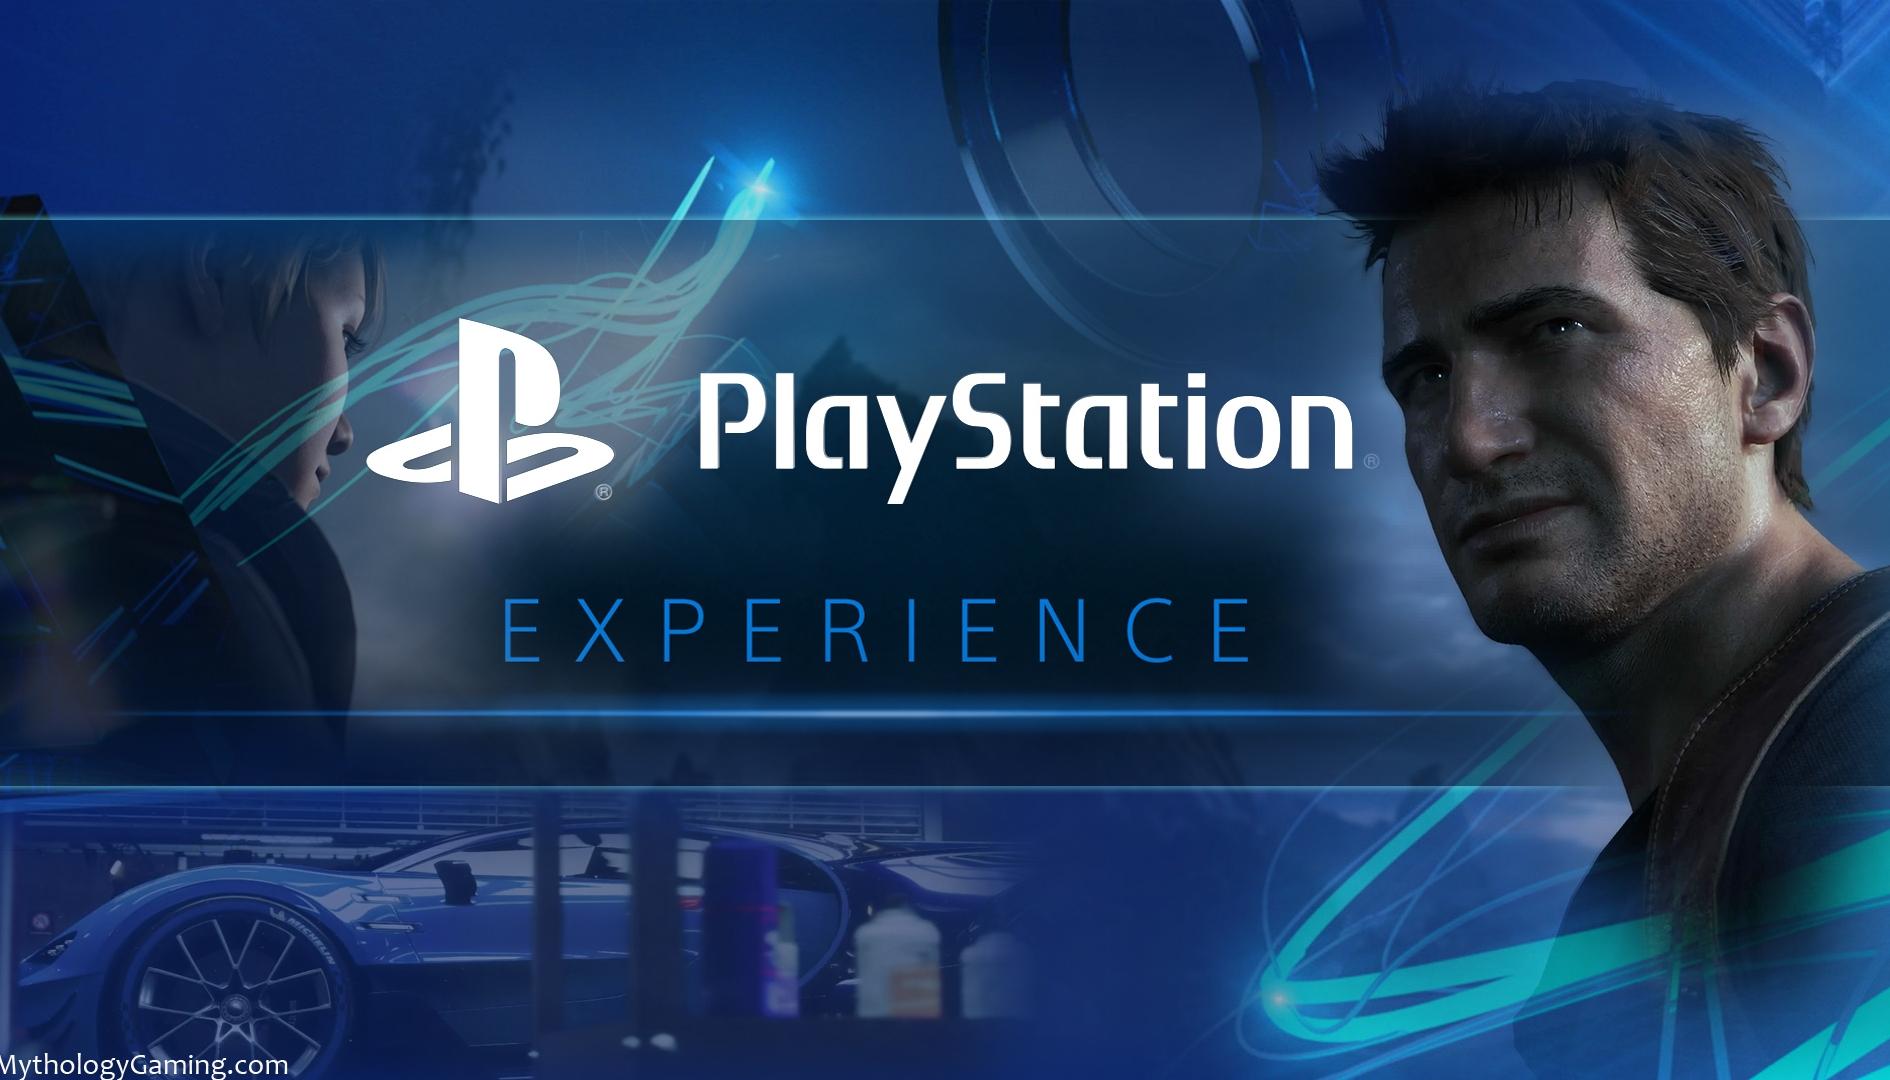 PlayStation Experience ormai imminente? Spunta la possibile data dell'evento Sony